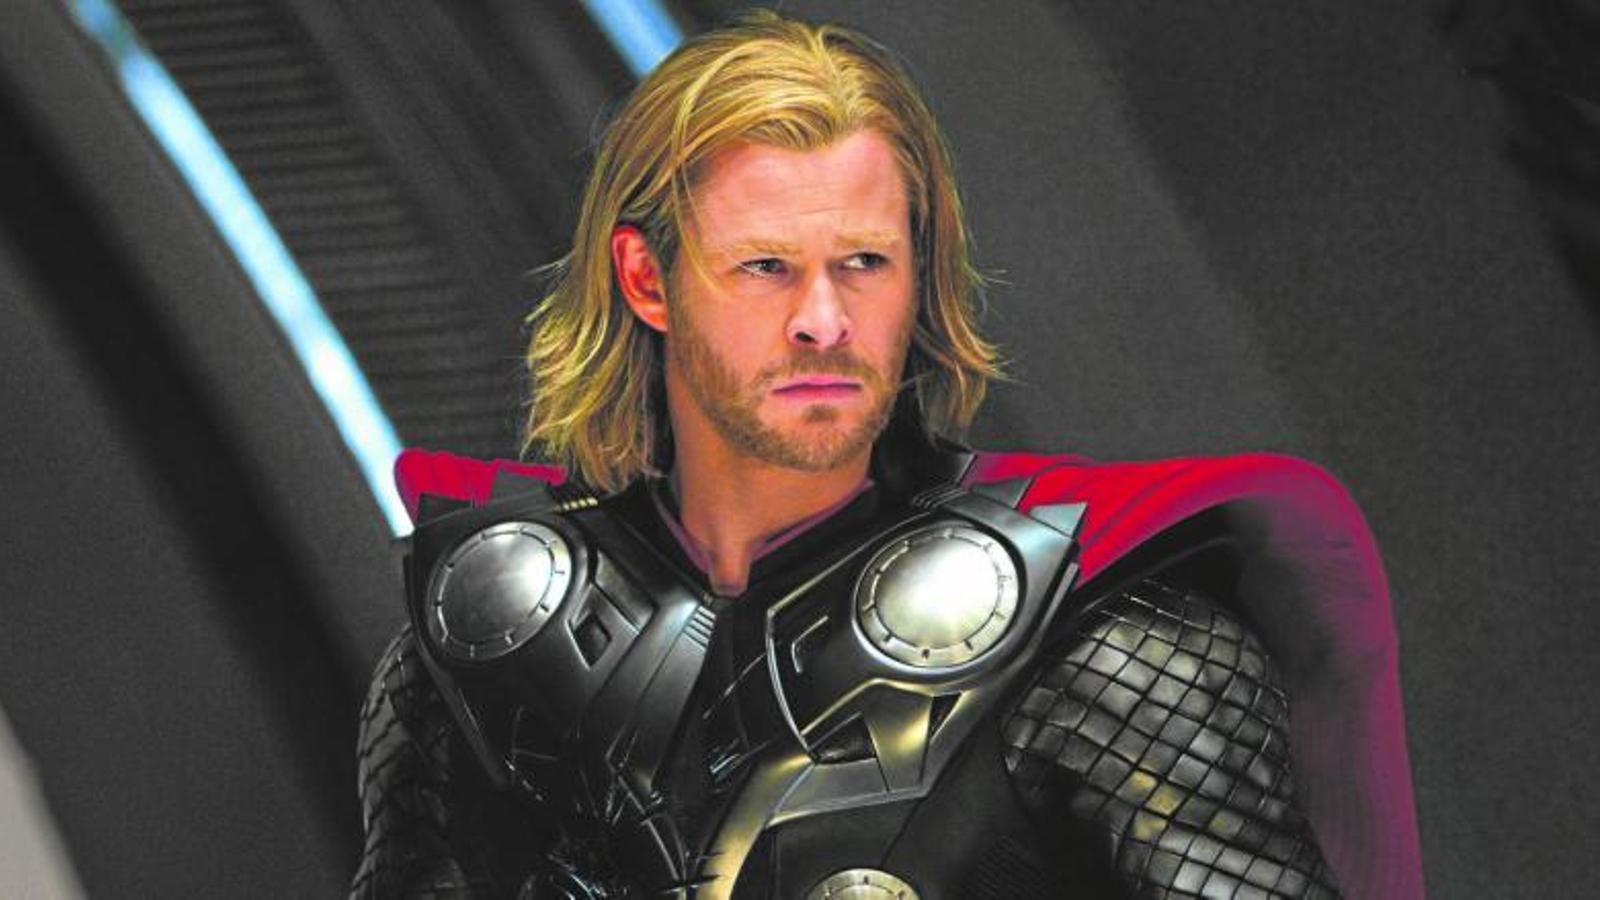 Chris hemsworth L'australià interpreta Thor, déu del tro i fill d'Odin, divinitat escandinava i superheroi de la Marvel,  tot en un. / PARAMOUNT